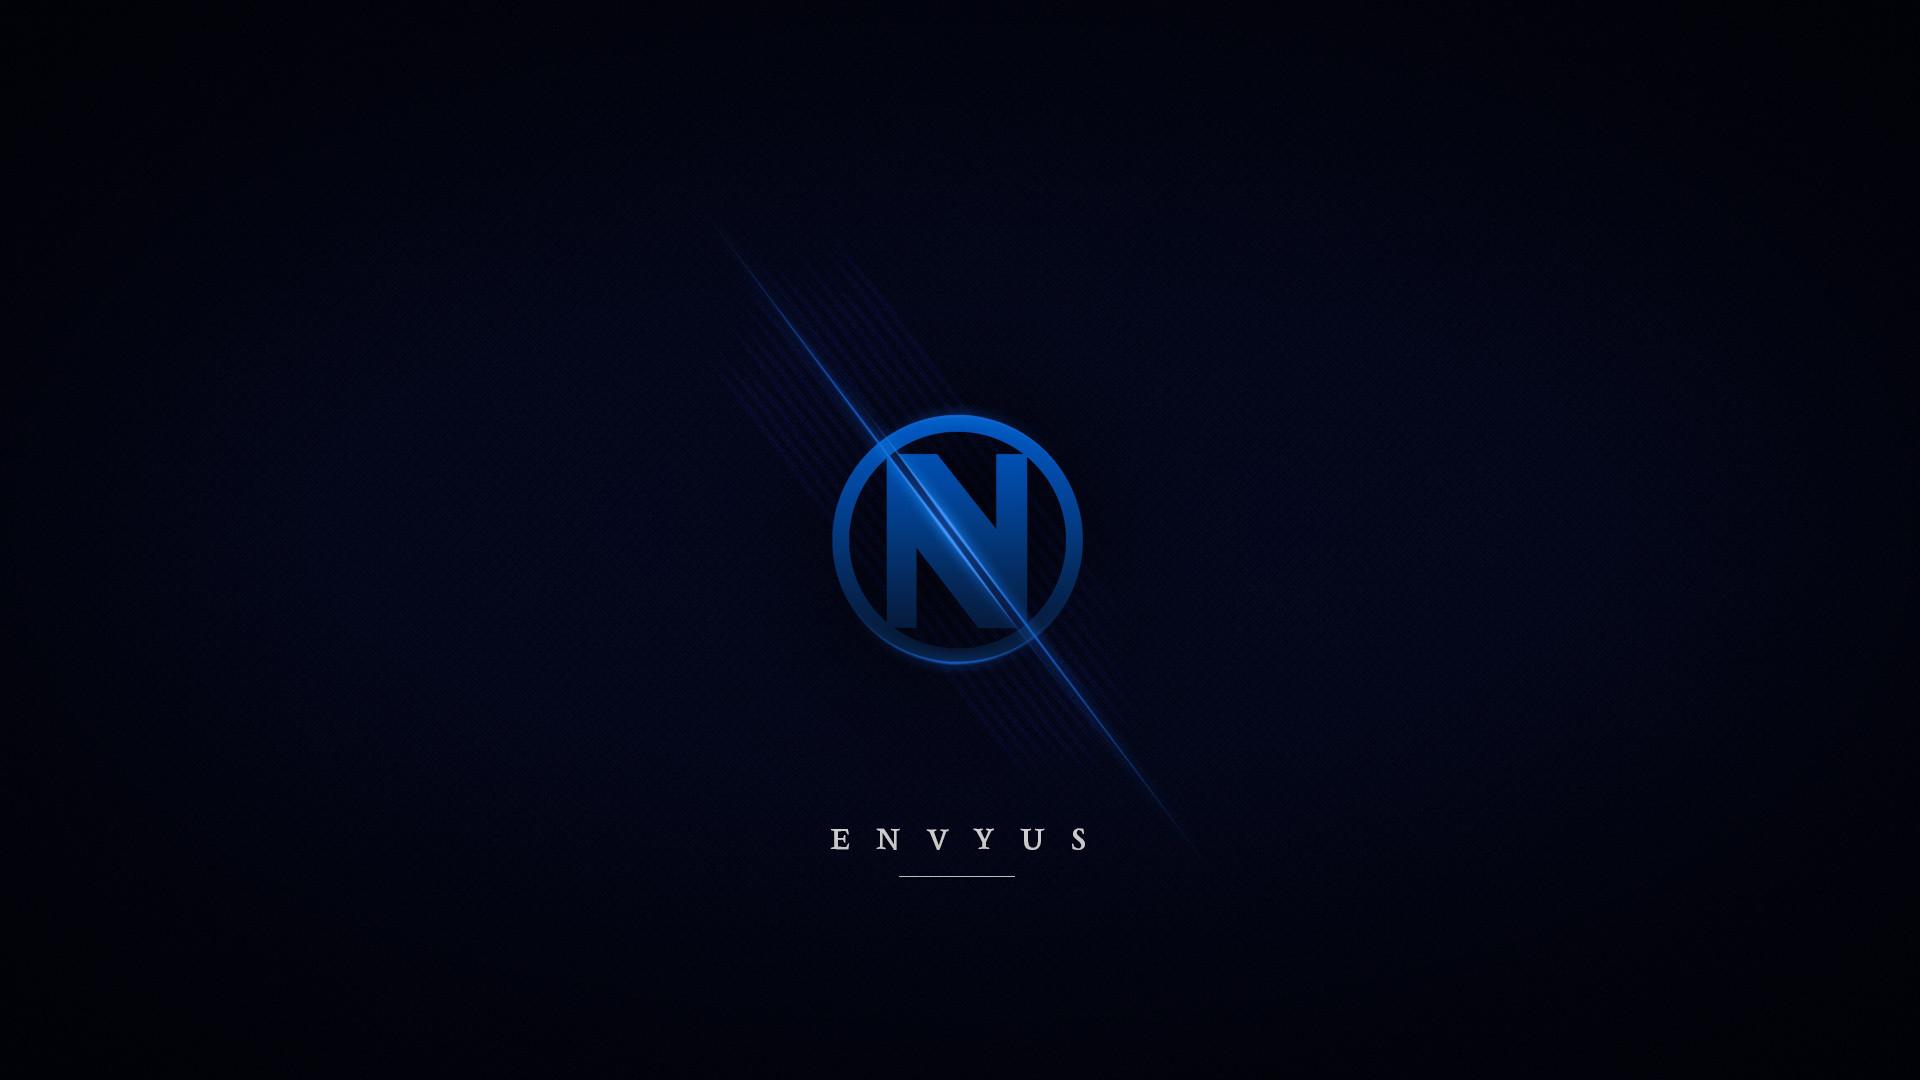 Envyus, Cs Go, Envyus Cs Go Logo Wallpapers and .